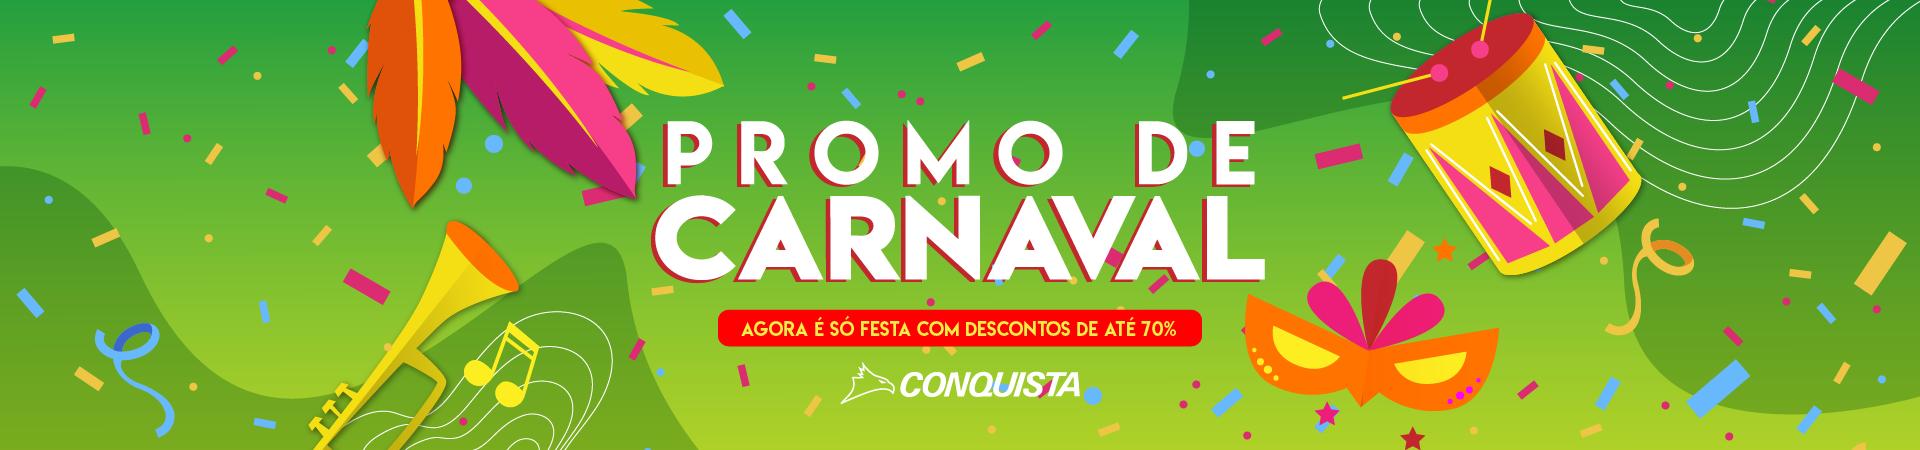 Promo de Carnaval - Até 70% OFF